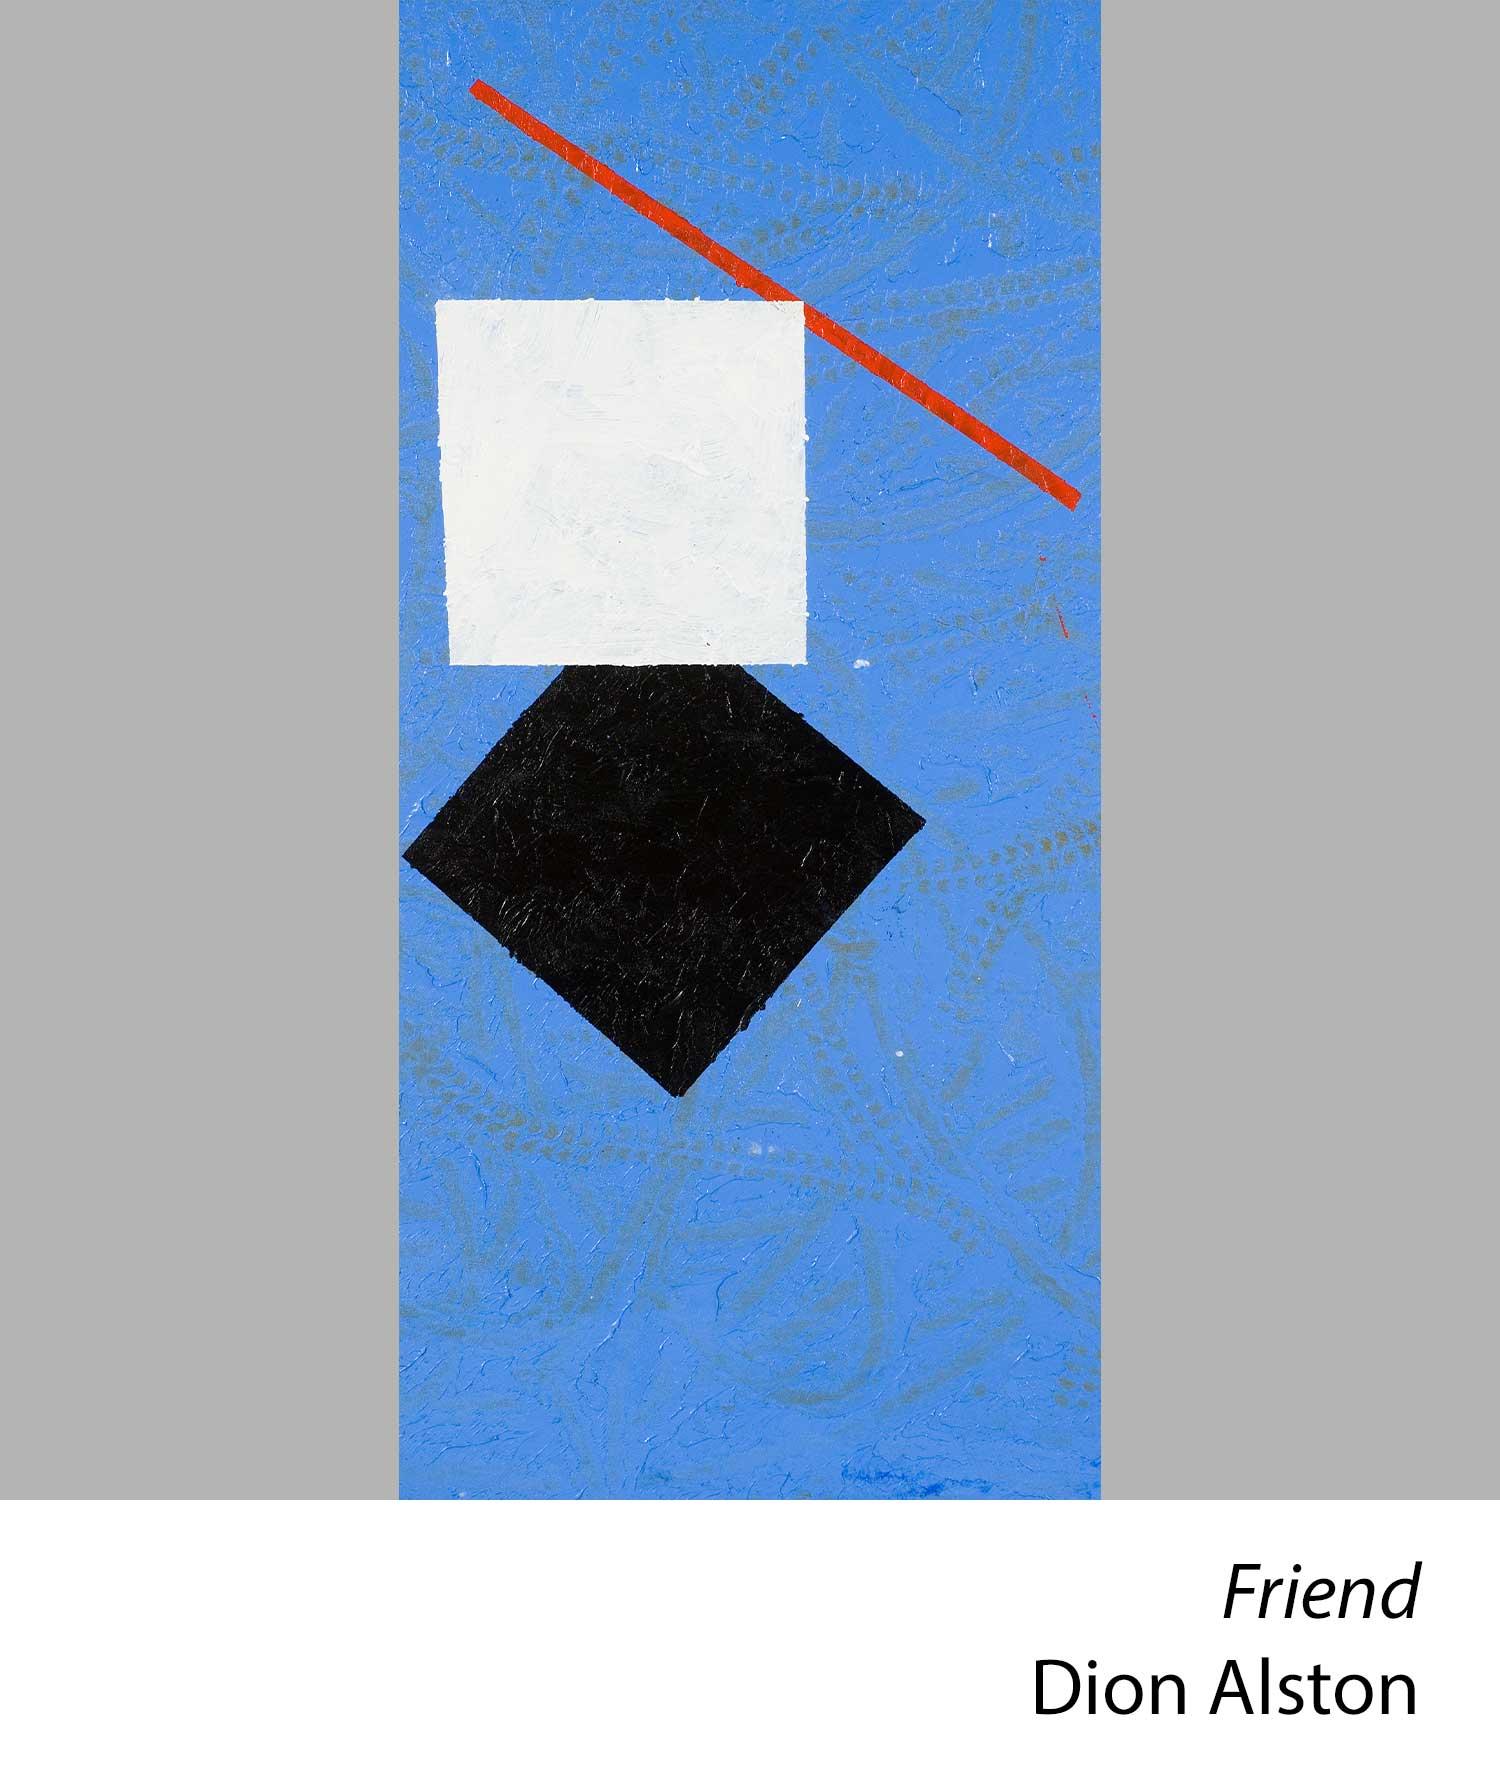 Friend by Dion Alston